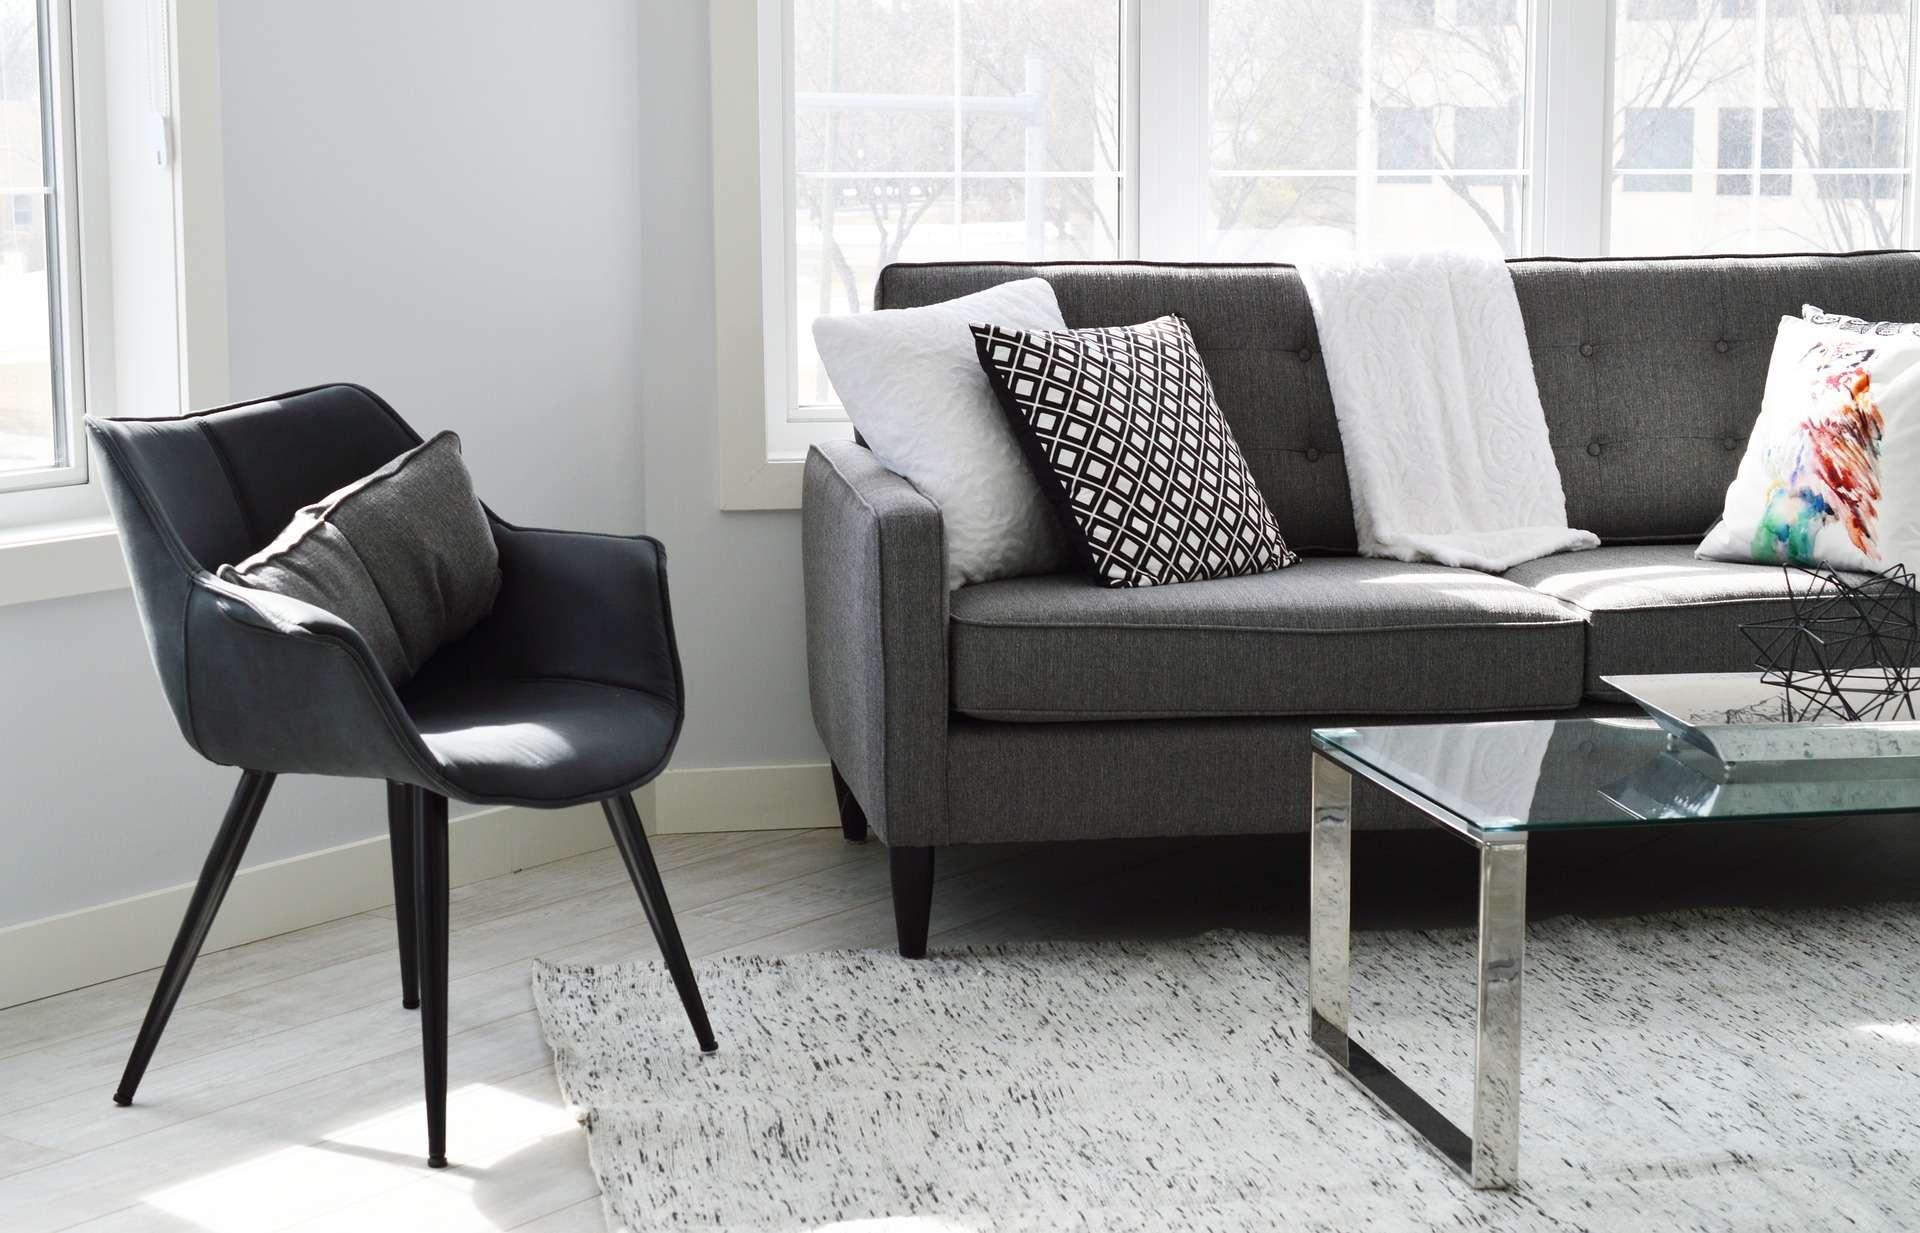 Kotisiivoukset pakettihinnoin | Siivouspalvelua Joensuun ja Lappeenrannan seudulla | Joen Siivous